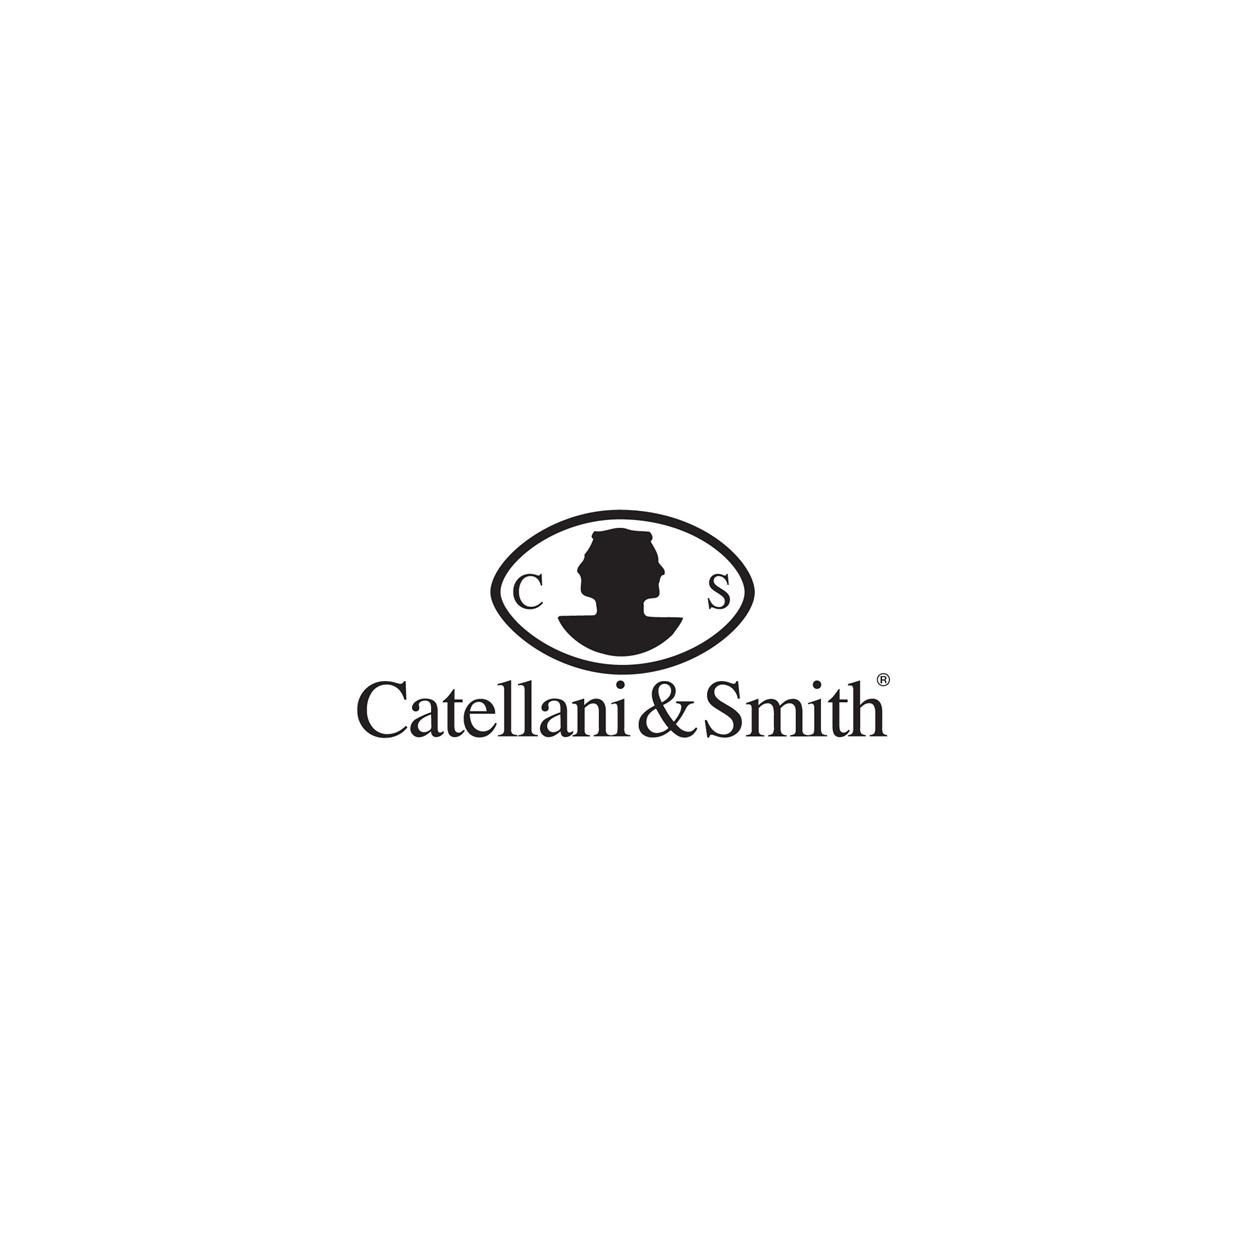 Catellani & Smith - Objekte Licht & Raum GmbH in Hamburg